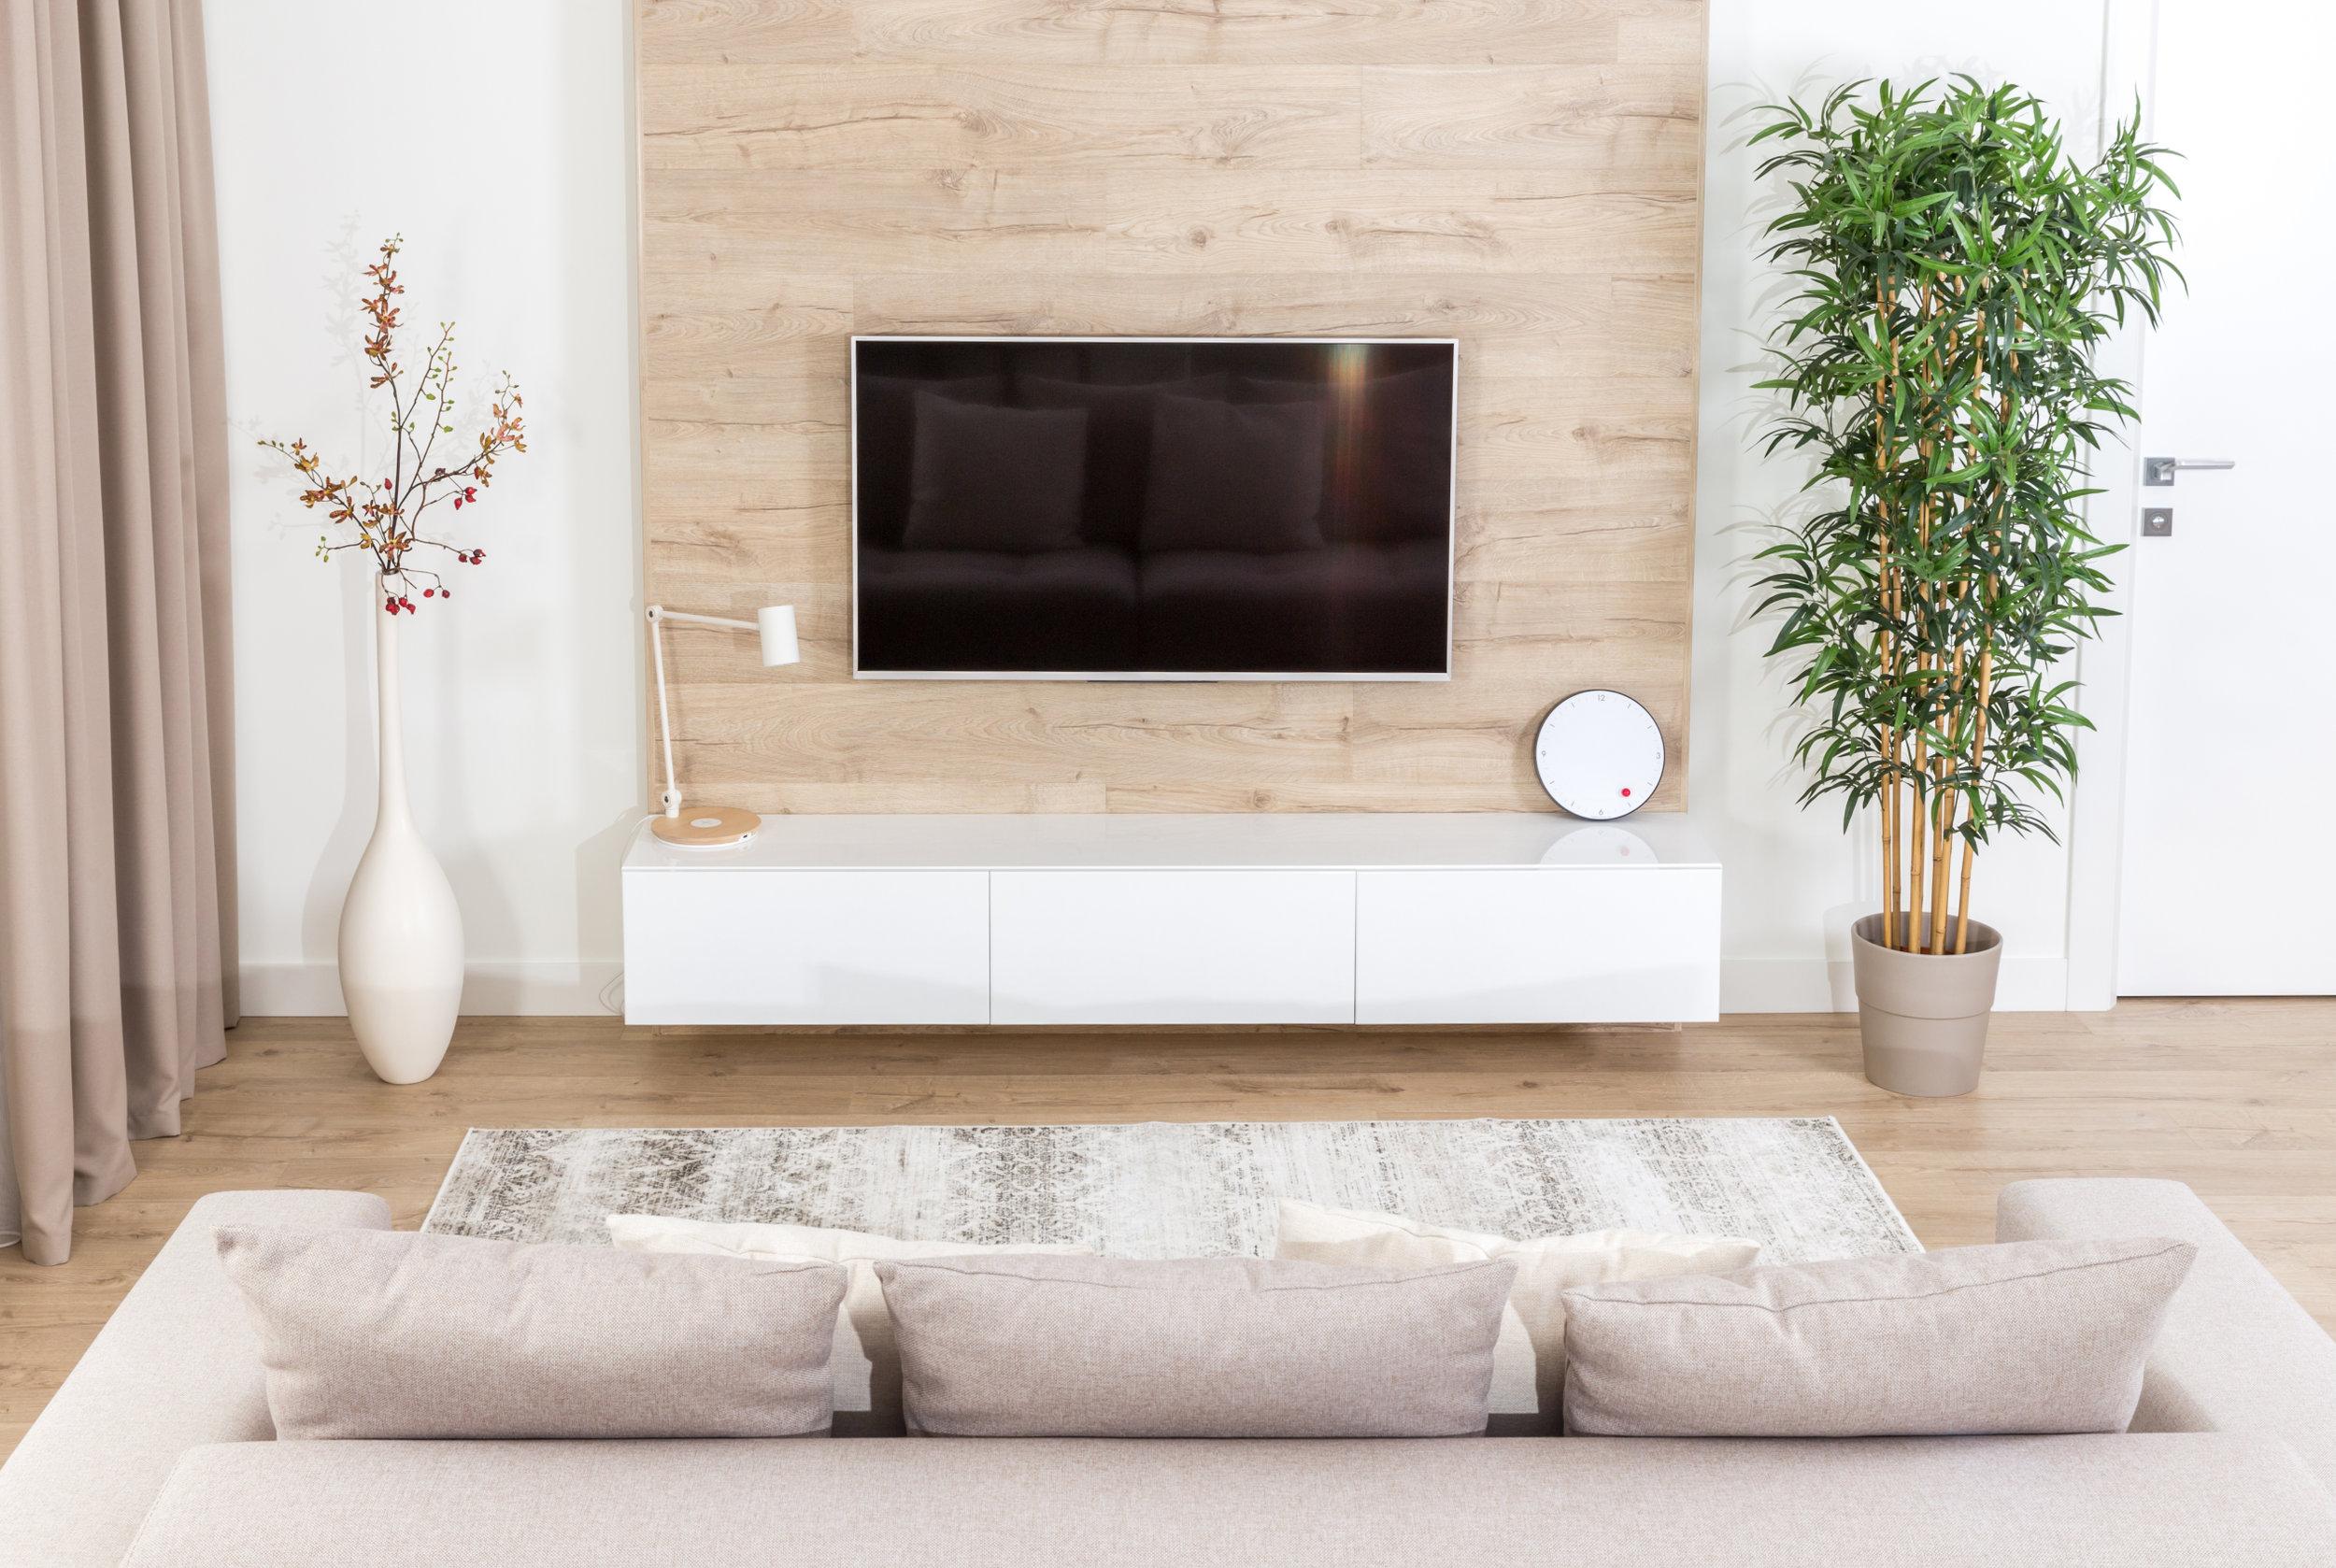 Sala de estar con sofá y tv led en una pared de madera en un interior moderno